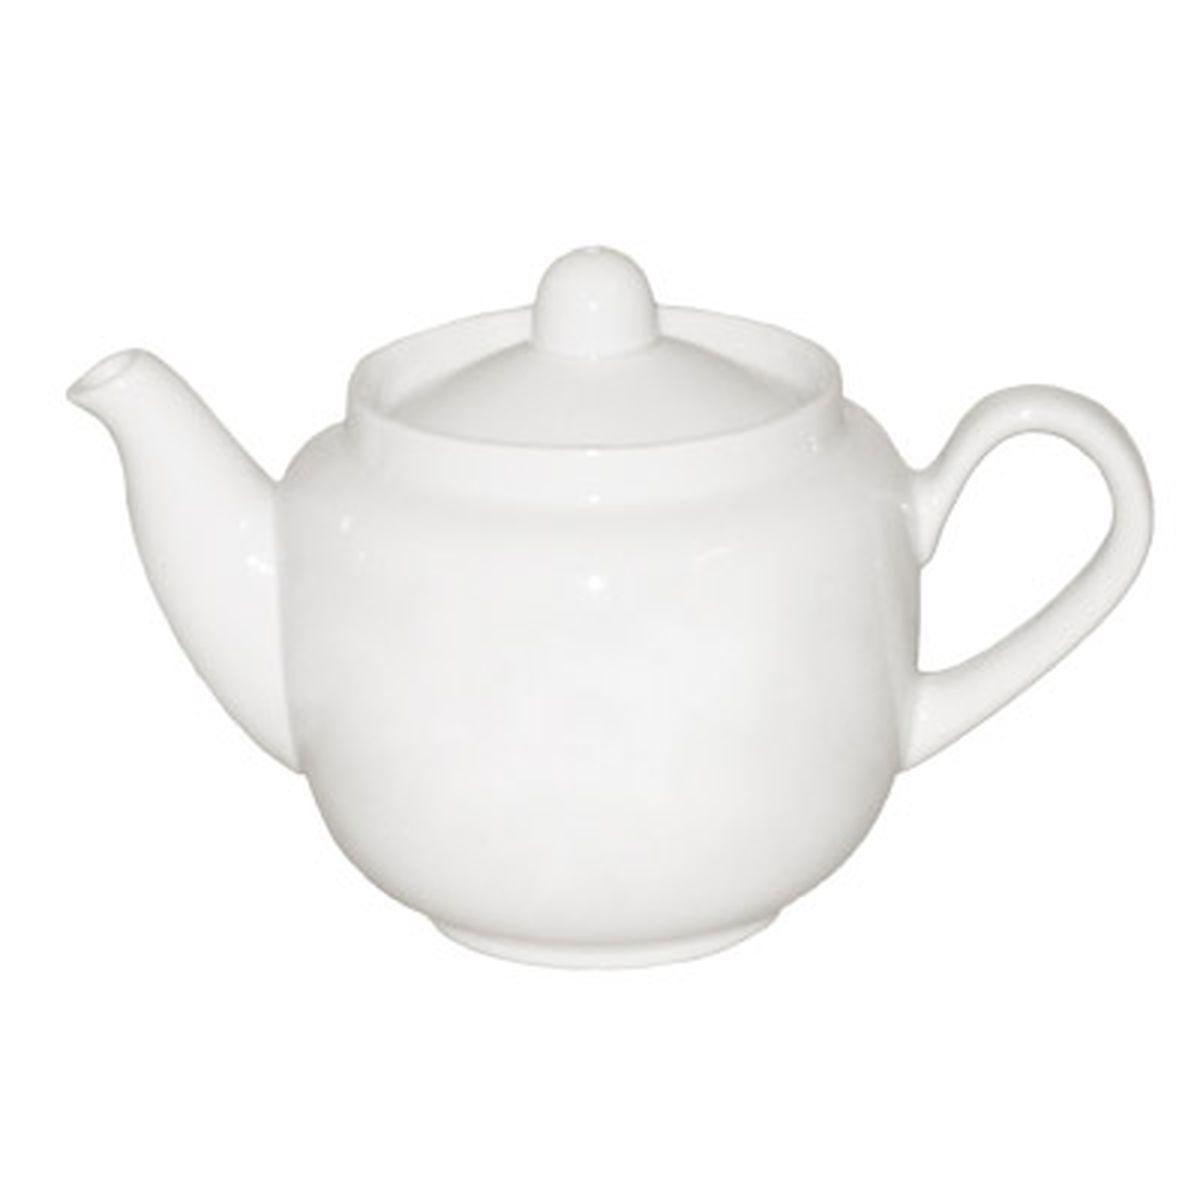 Чайник заварочный Фарфор Вербилок Август. 172000Б172000БДля того чтобы насладиться чайной церемонией, требуется не только знание ритуала и чай высшего сорта. Необходим прекрасный заварочный чайник, который может быть как центральной фигурой фарфорового сервиза, так и самостоятельным, отдельным предметом. От его формы и качества фарфора зависит аромат и вкус приготовленного напитка. Именно такие предметы формируют в доме атмосферу истинного уюта, тепла и гармонии. Можно ли сравнить пакетик с чаем или растворимый кофе с заварными вариантами этих напитков, которые нужно готовить самим? Каждый их почитатель ответит, что если применить кофейник или заварочный чайник, то можно ощутить более богатый, ароматный вкус этих замечательных напитков.